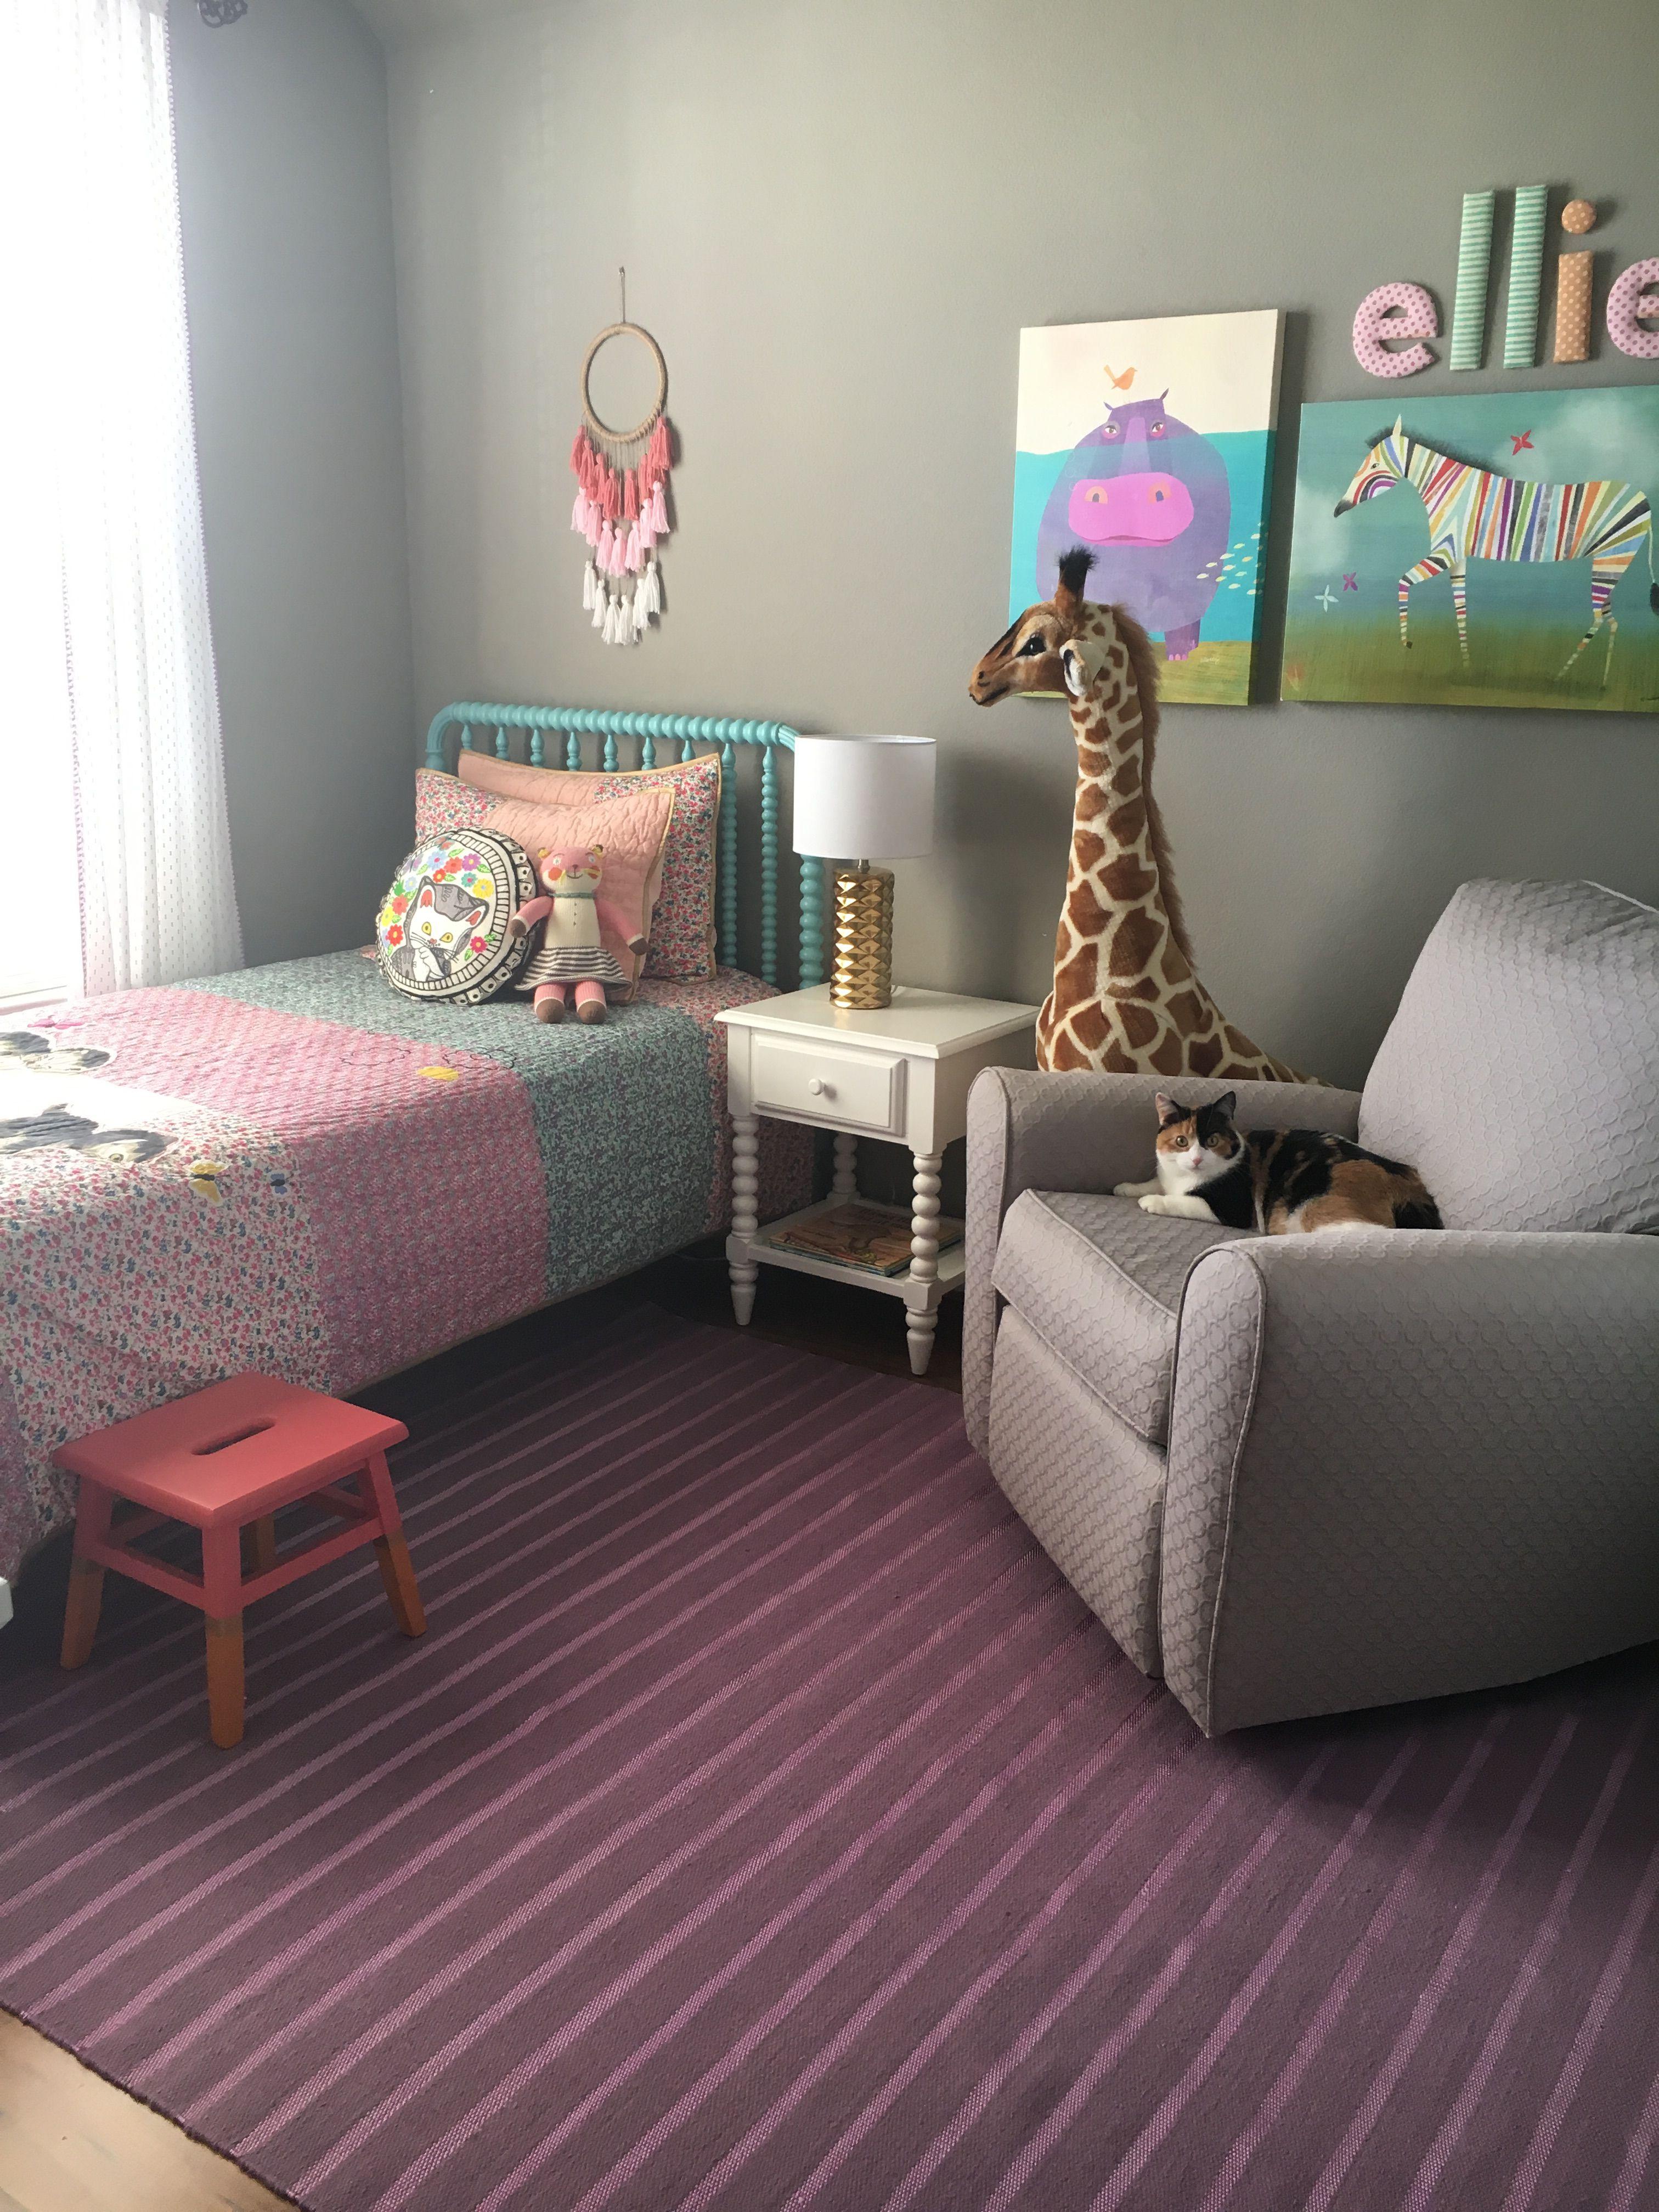 Land of Nod bed, bedding and art. Target rug, bedside